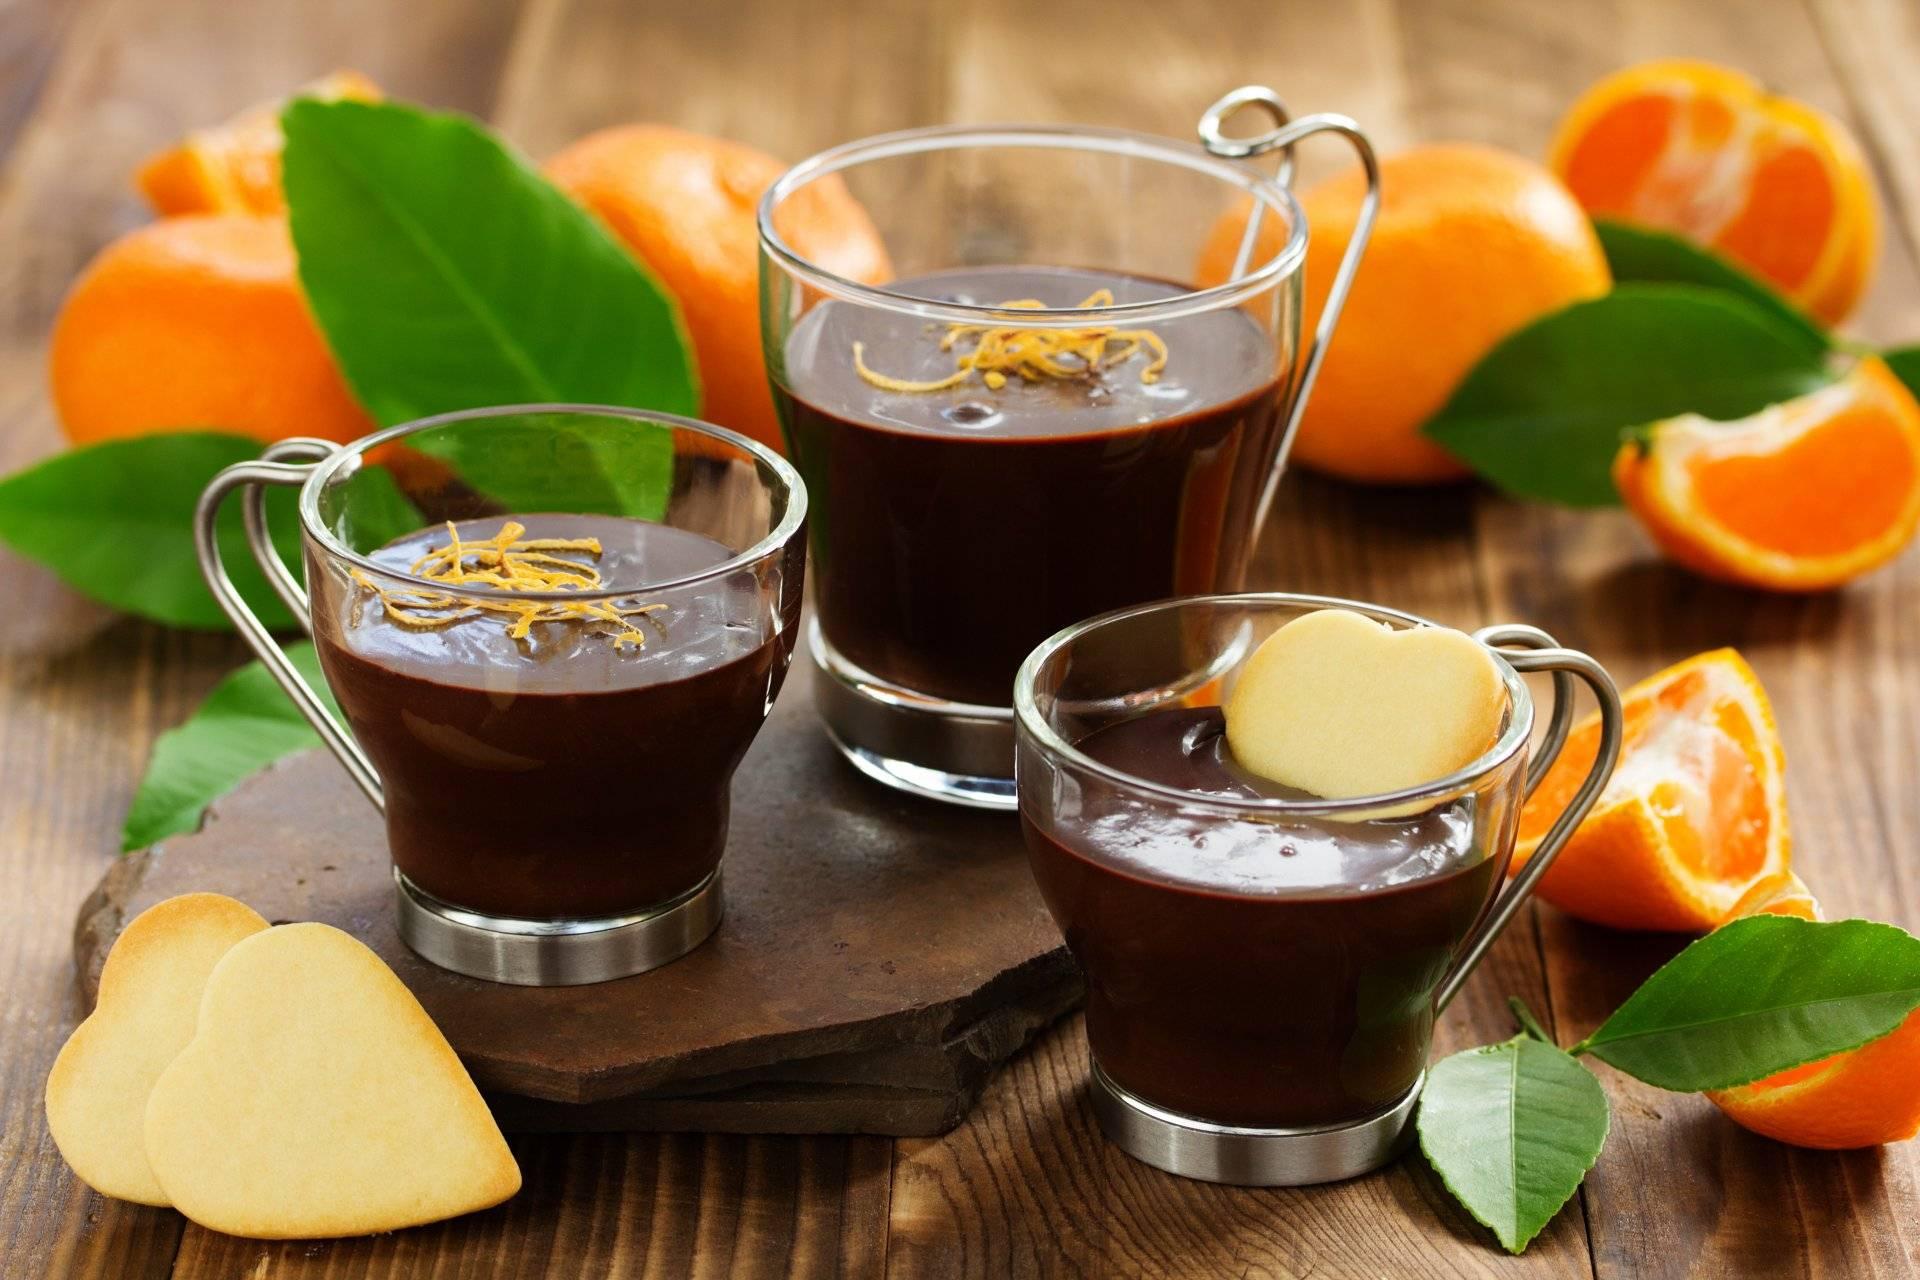 Кофе с апельсиновым соком: лучшие рецепты и секреты приготовления